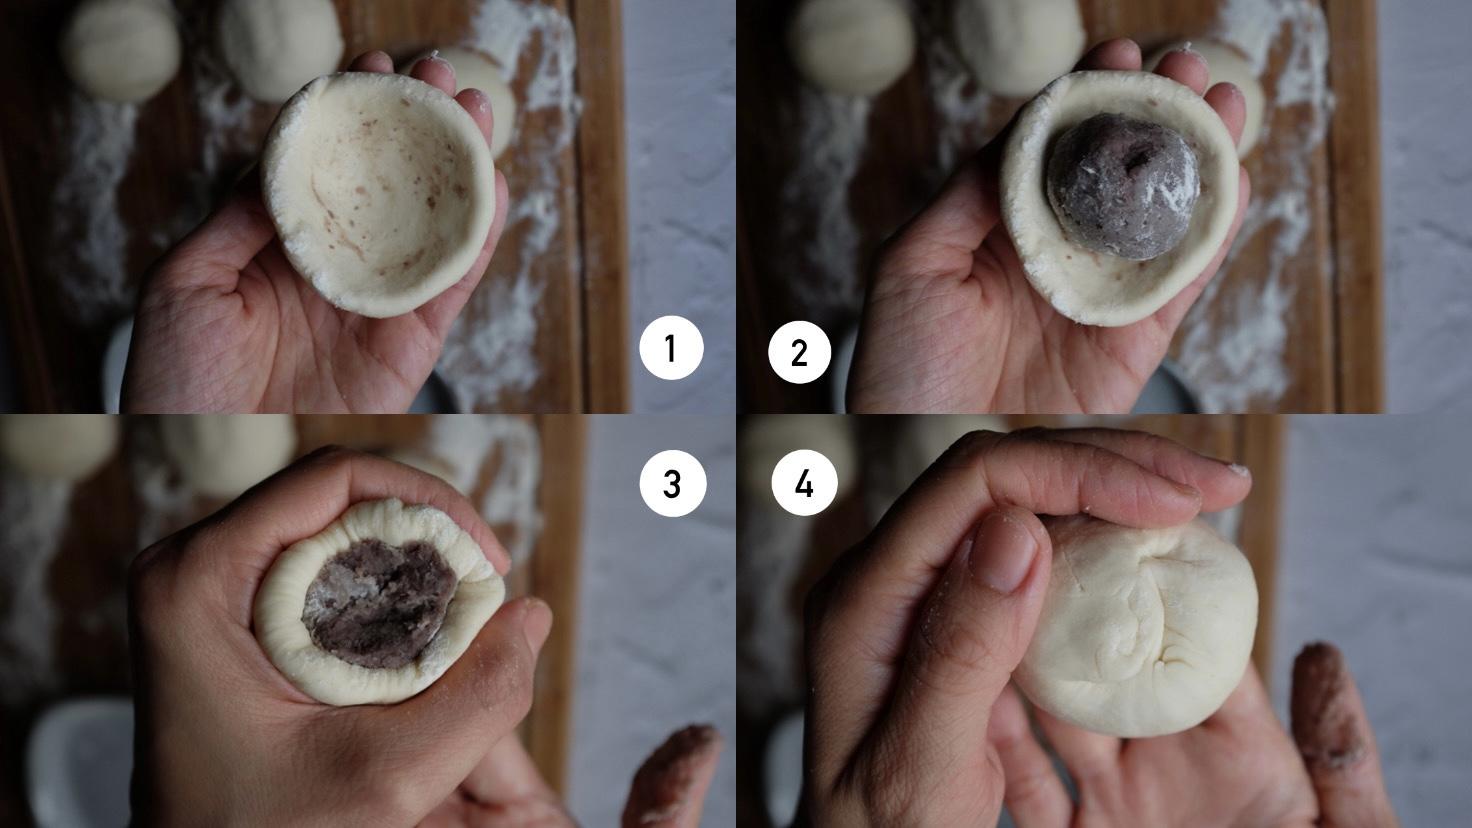 Metti le palline di marmellata di fagioli rossi nel buco dell'impasto. Premi i bordi dell'impasto verso l'alto aiutandoti con il pugno per assicurarti che la marmellata rimanga all'interno.